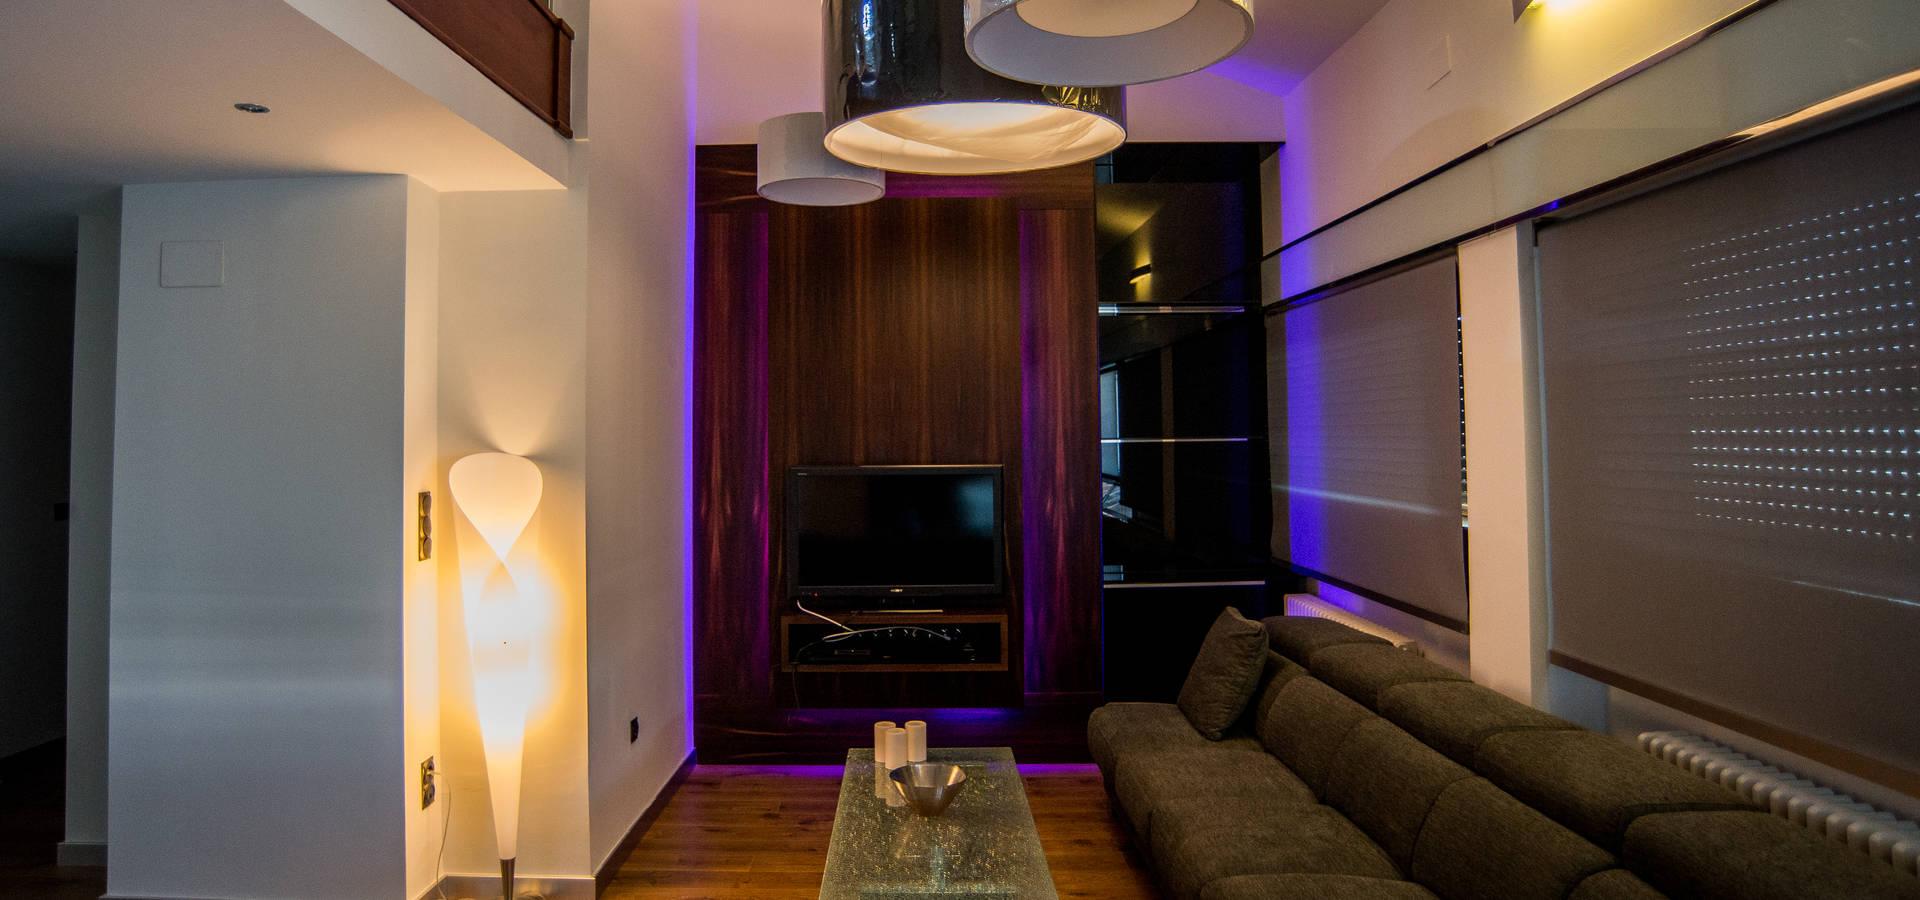 Molina decoraci n decoradores y dise adores de interiores - Libros de decoracion de interiores gratis ...